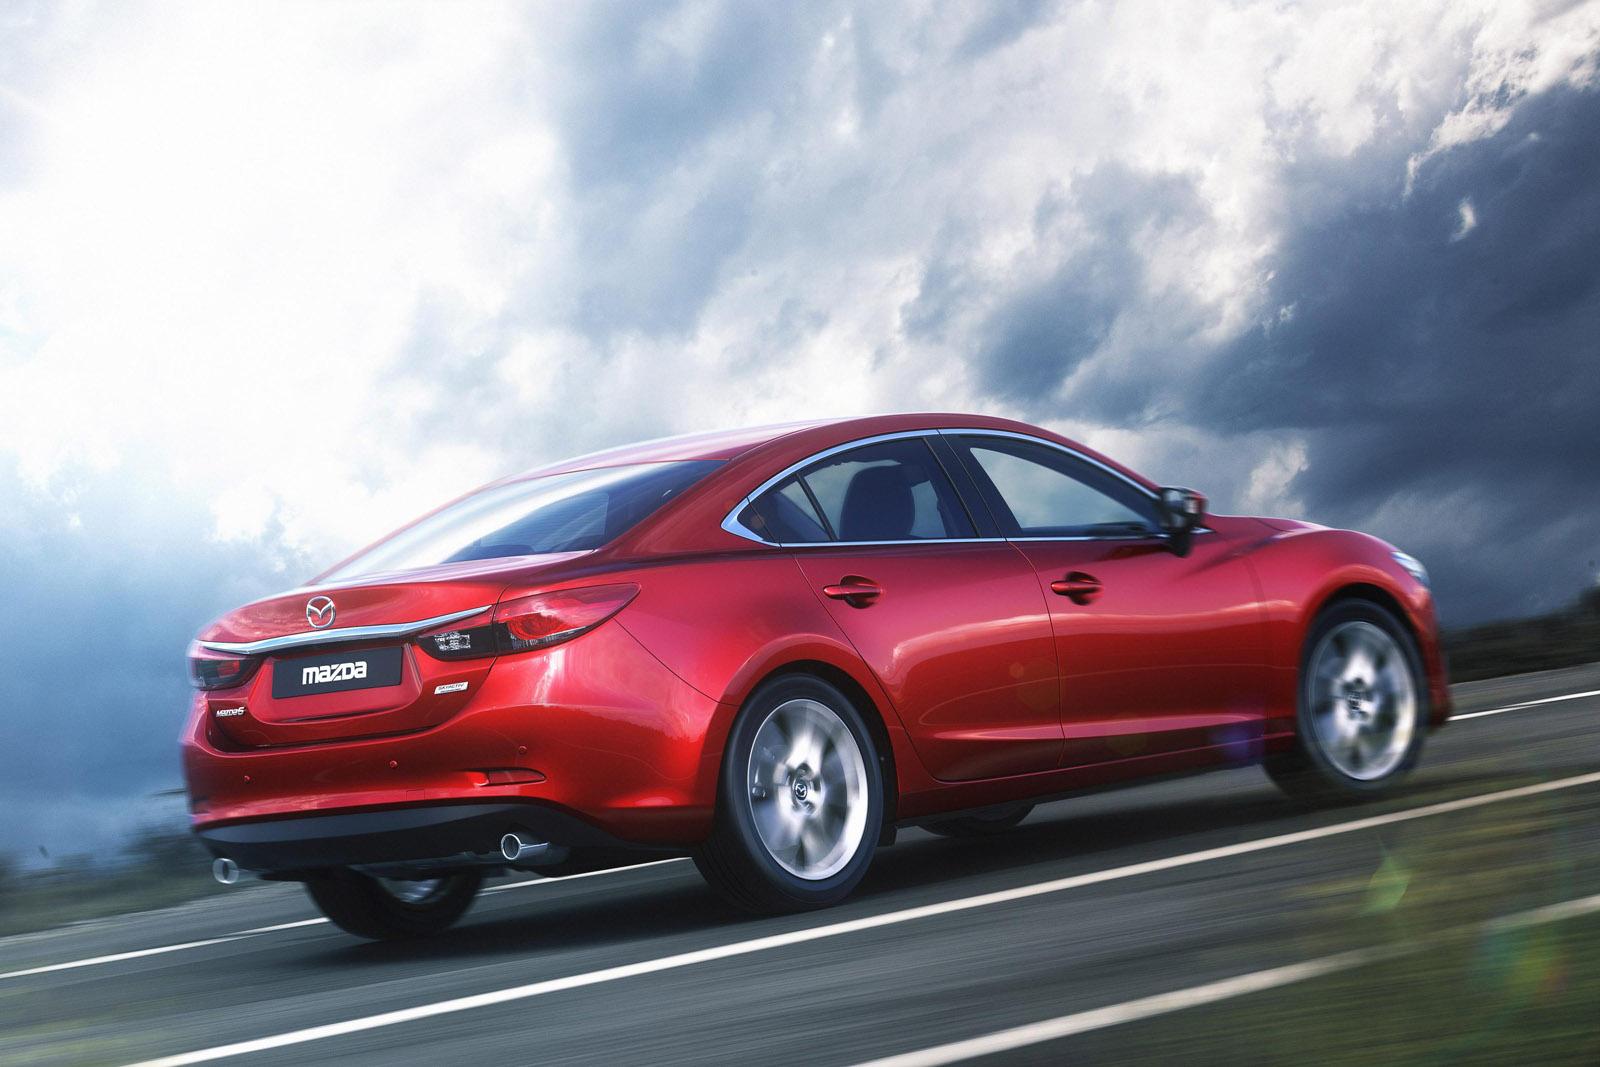 1908_588624_Mazda6_Sedan_2012_action_04